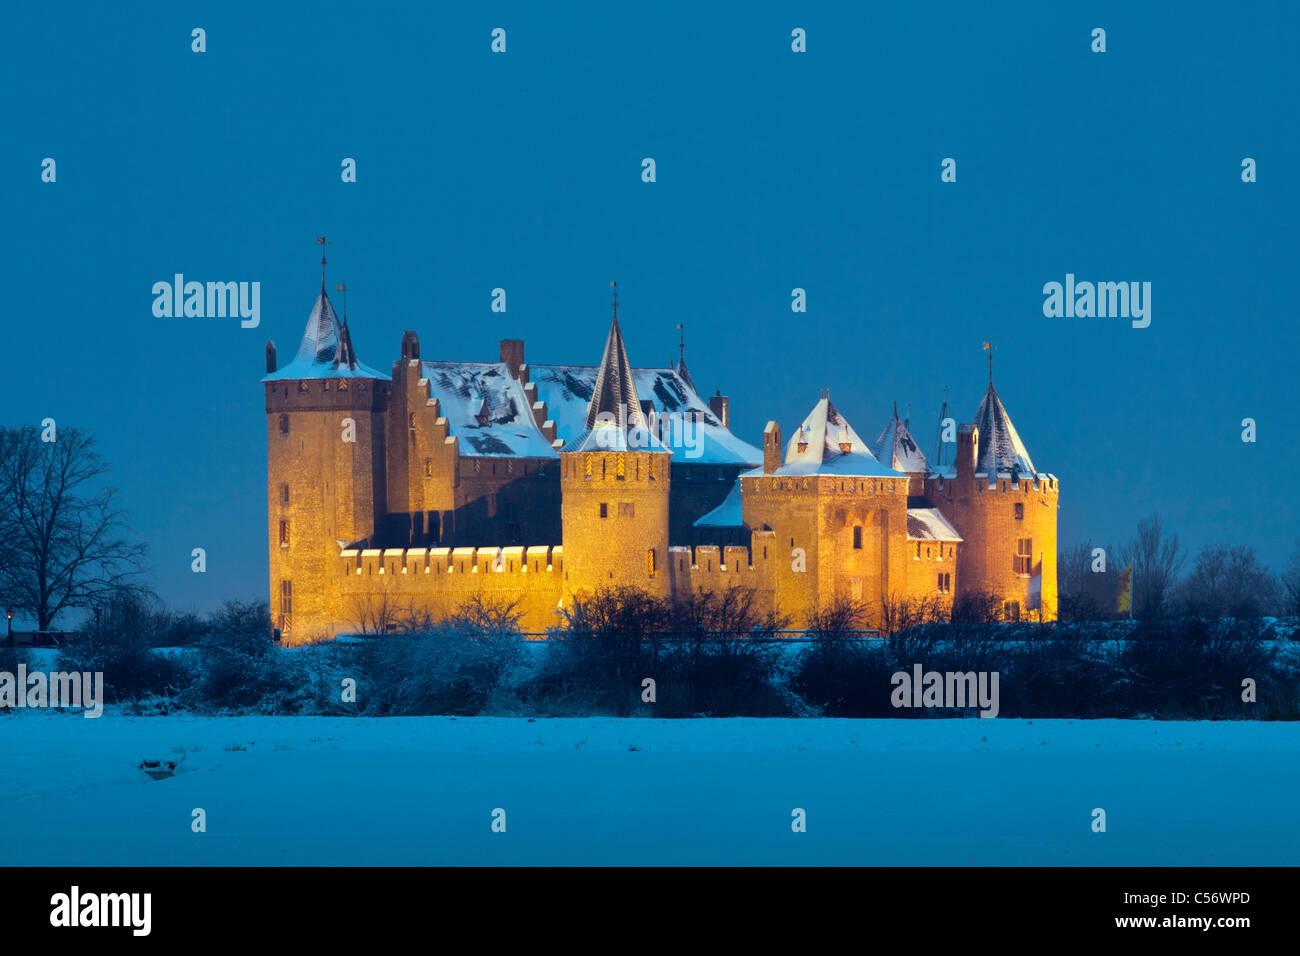 Les Pays-Bas, Lemmer, Château Muiderslot. L'hiver, la neige. Photo Stock